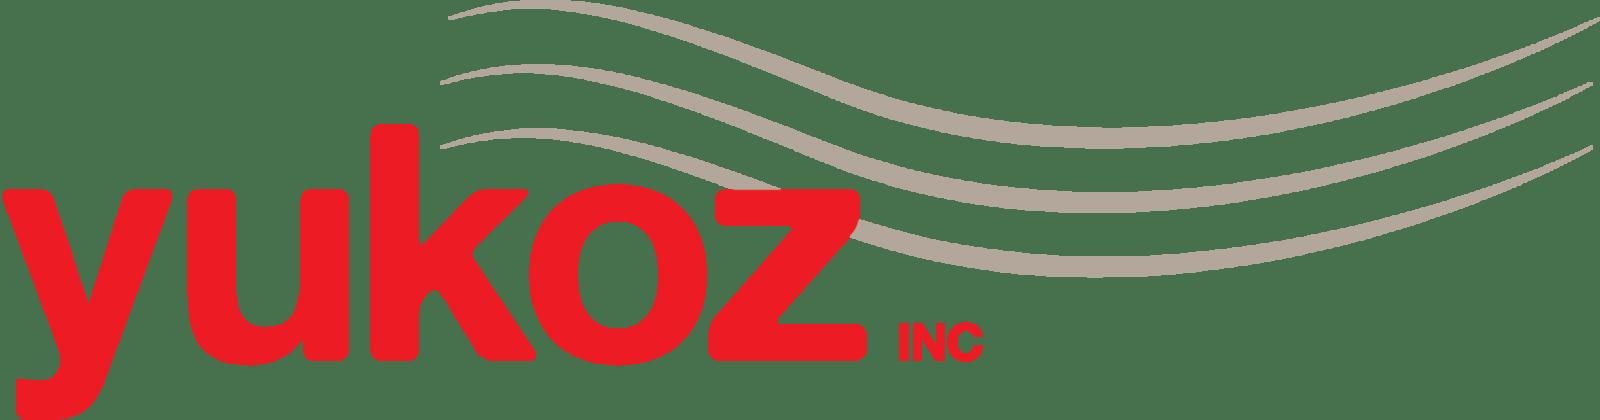 Yukoz Inc